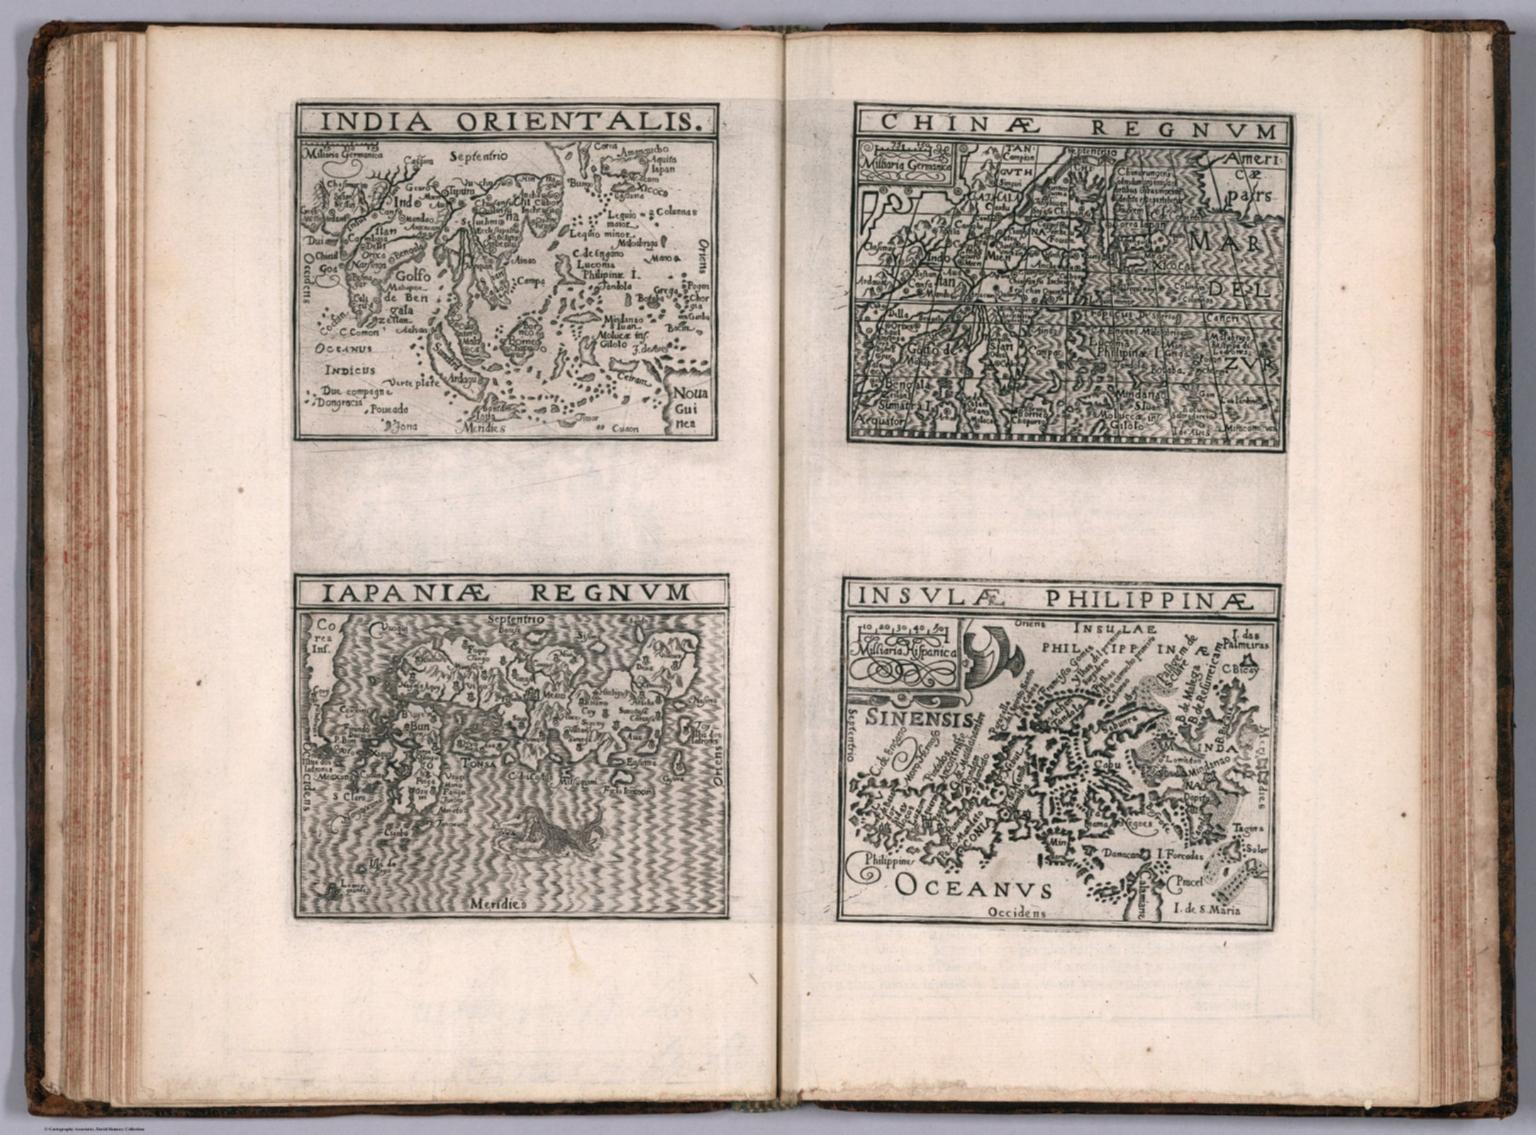 India Orientalis. Iapaniae regnum. Chinae regnum. Insulae Philippinae